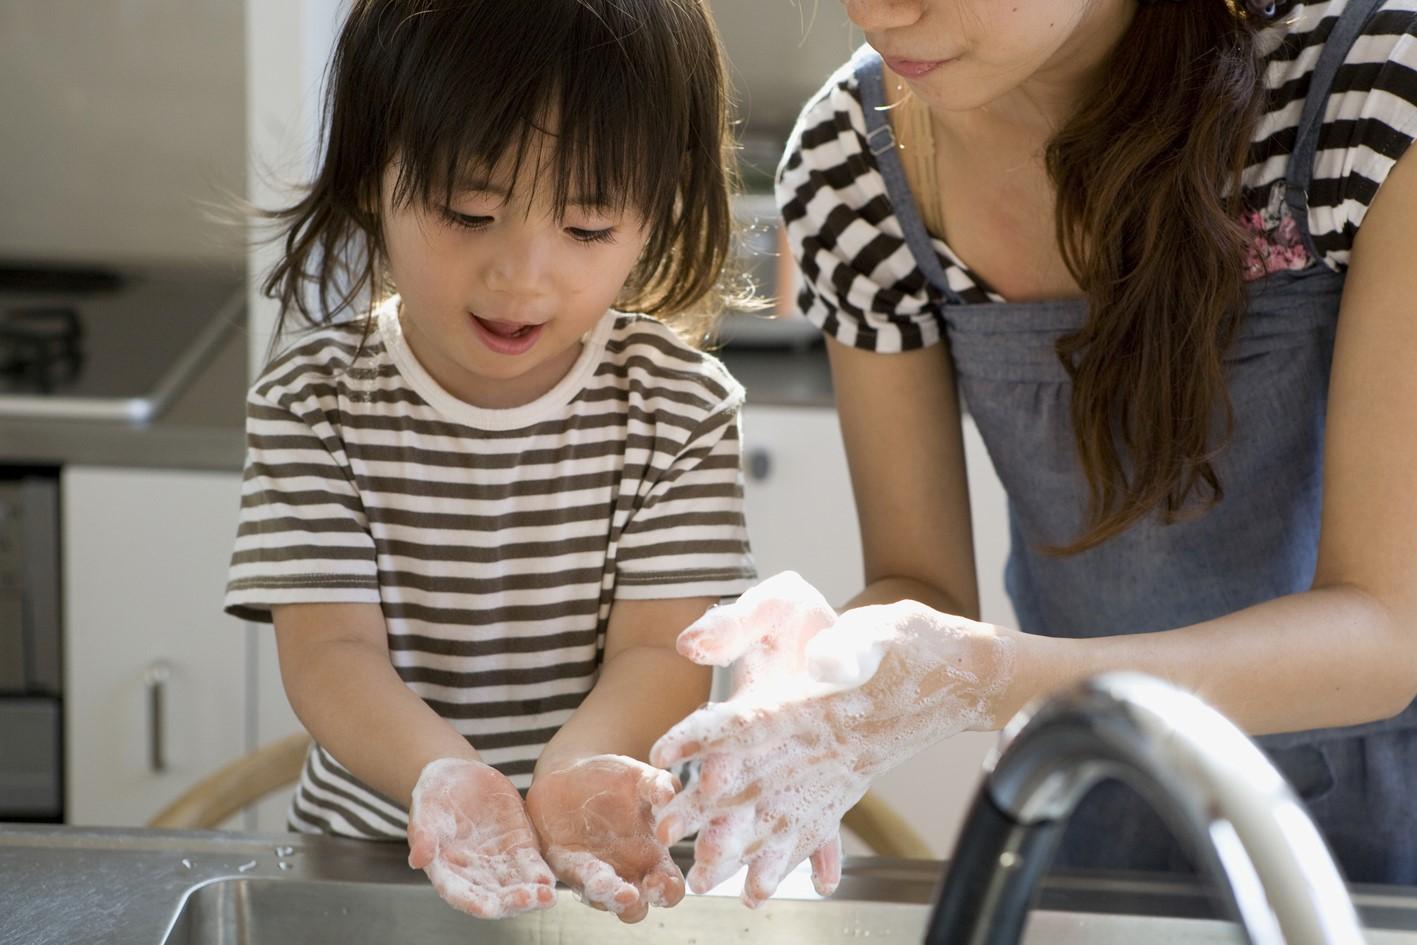 Moms, Yuk Ajarkan Si Kecil Terbiasa Cuci Tangan Sendiri!